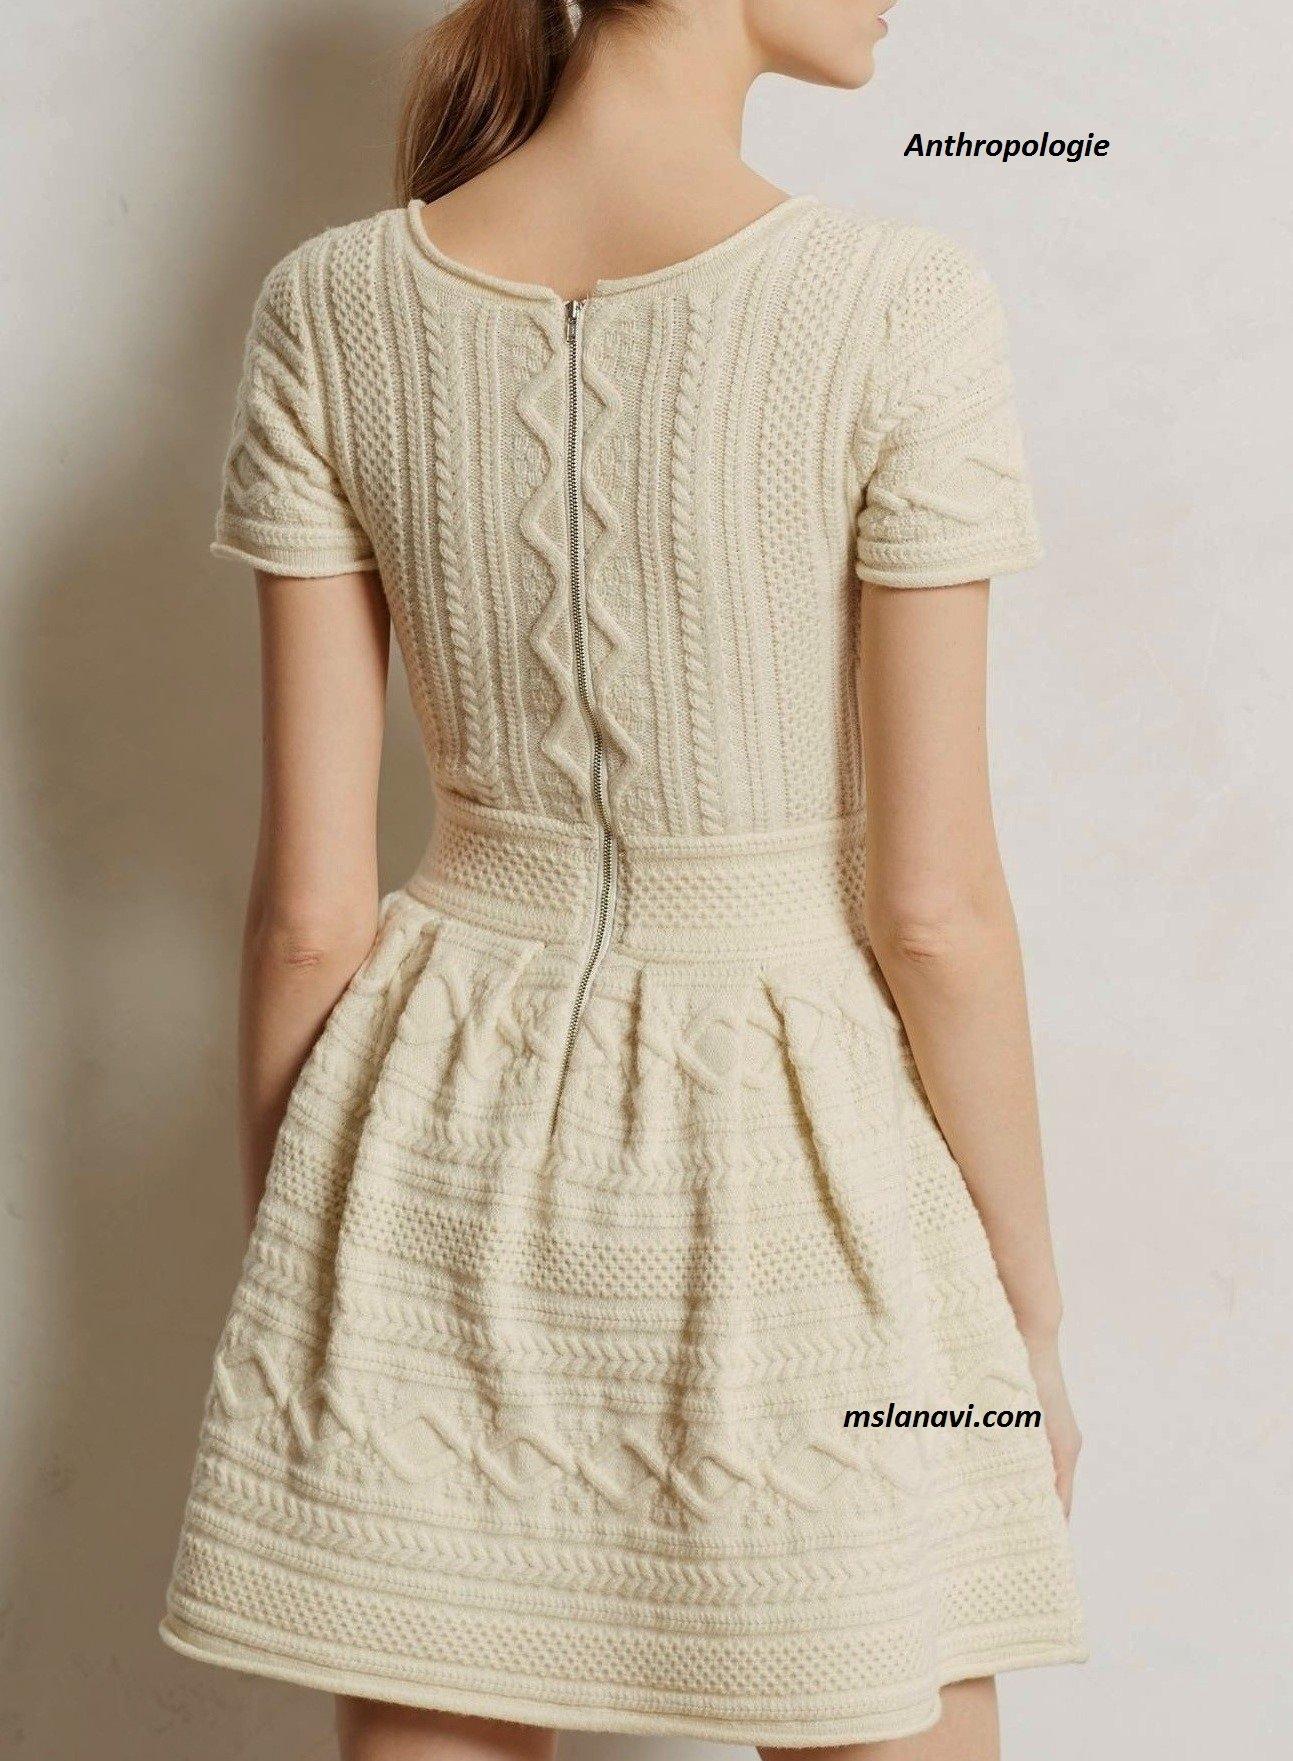 Вязаное платье спицами для женщин от Anthropologie